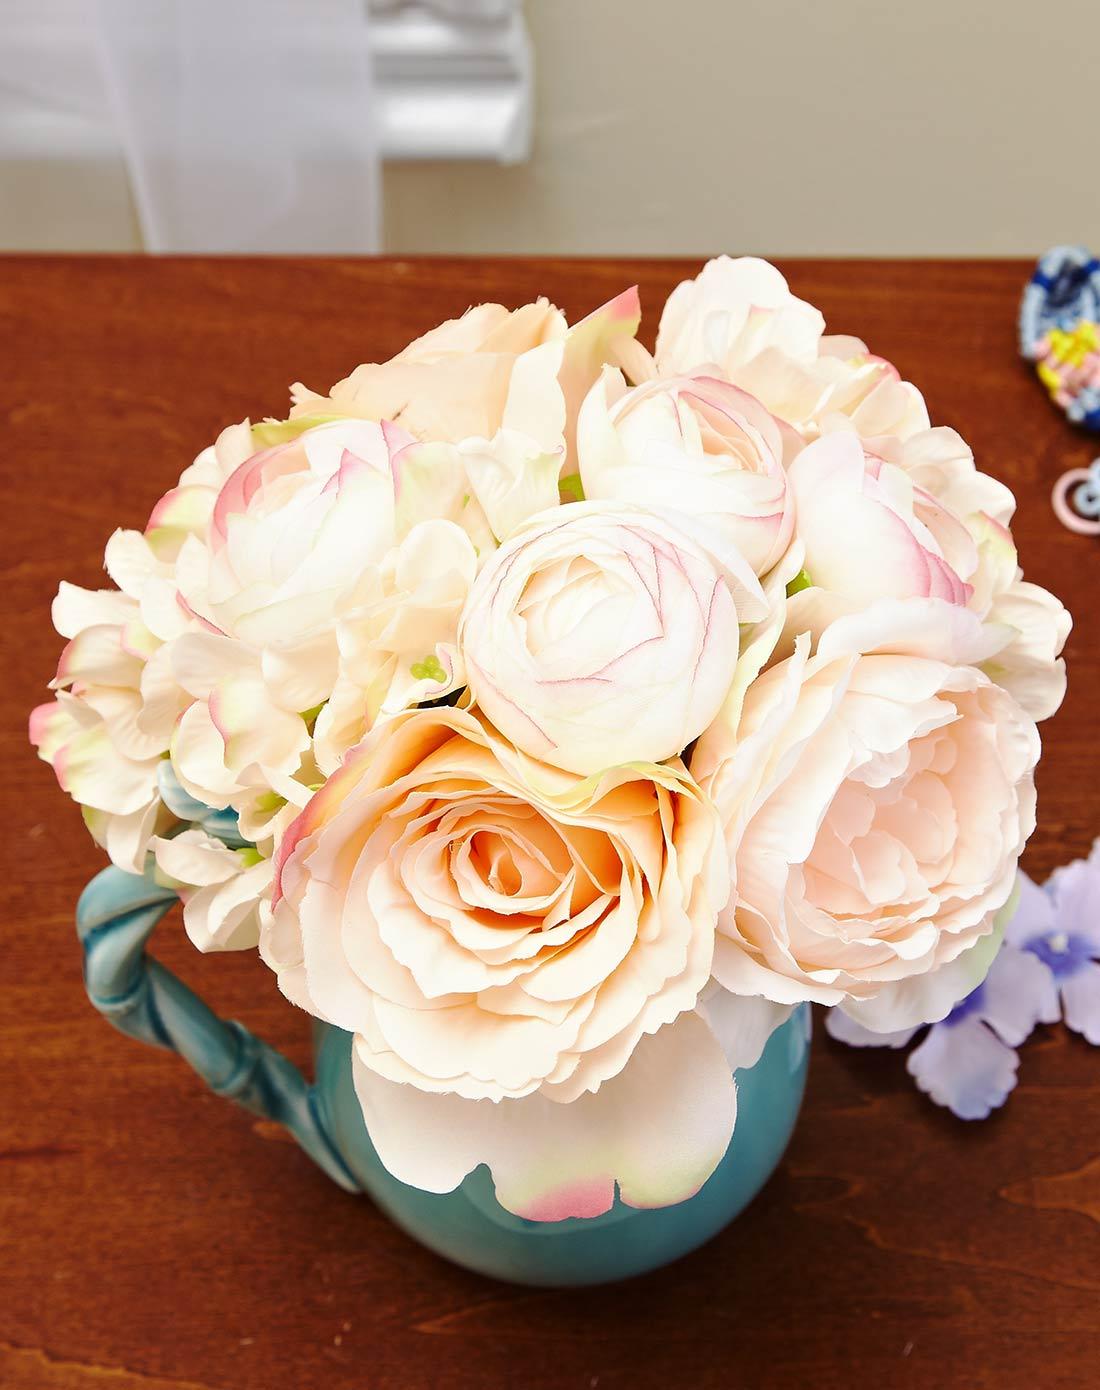 欧式唯美布艺仿真花束-茶苞玫瑰绣球香槟